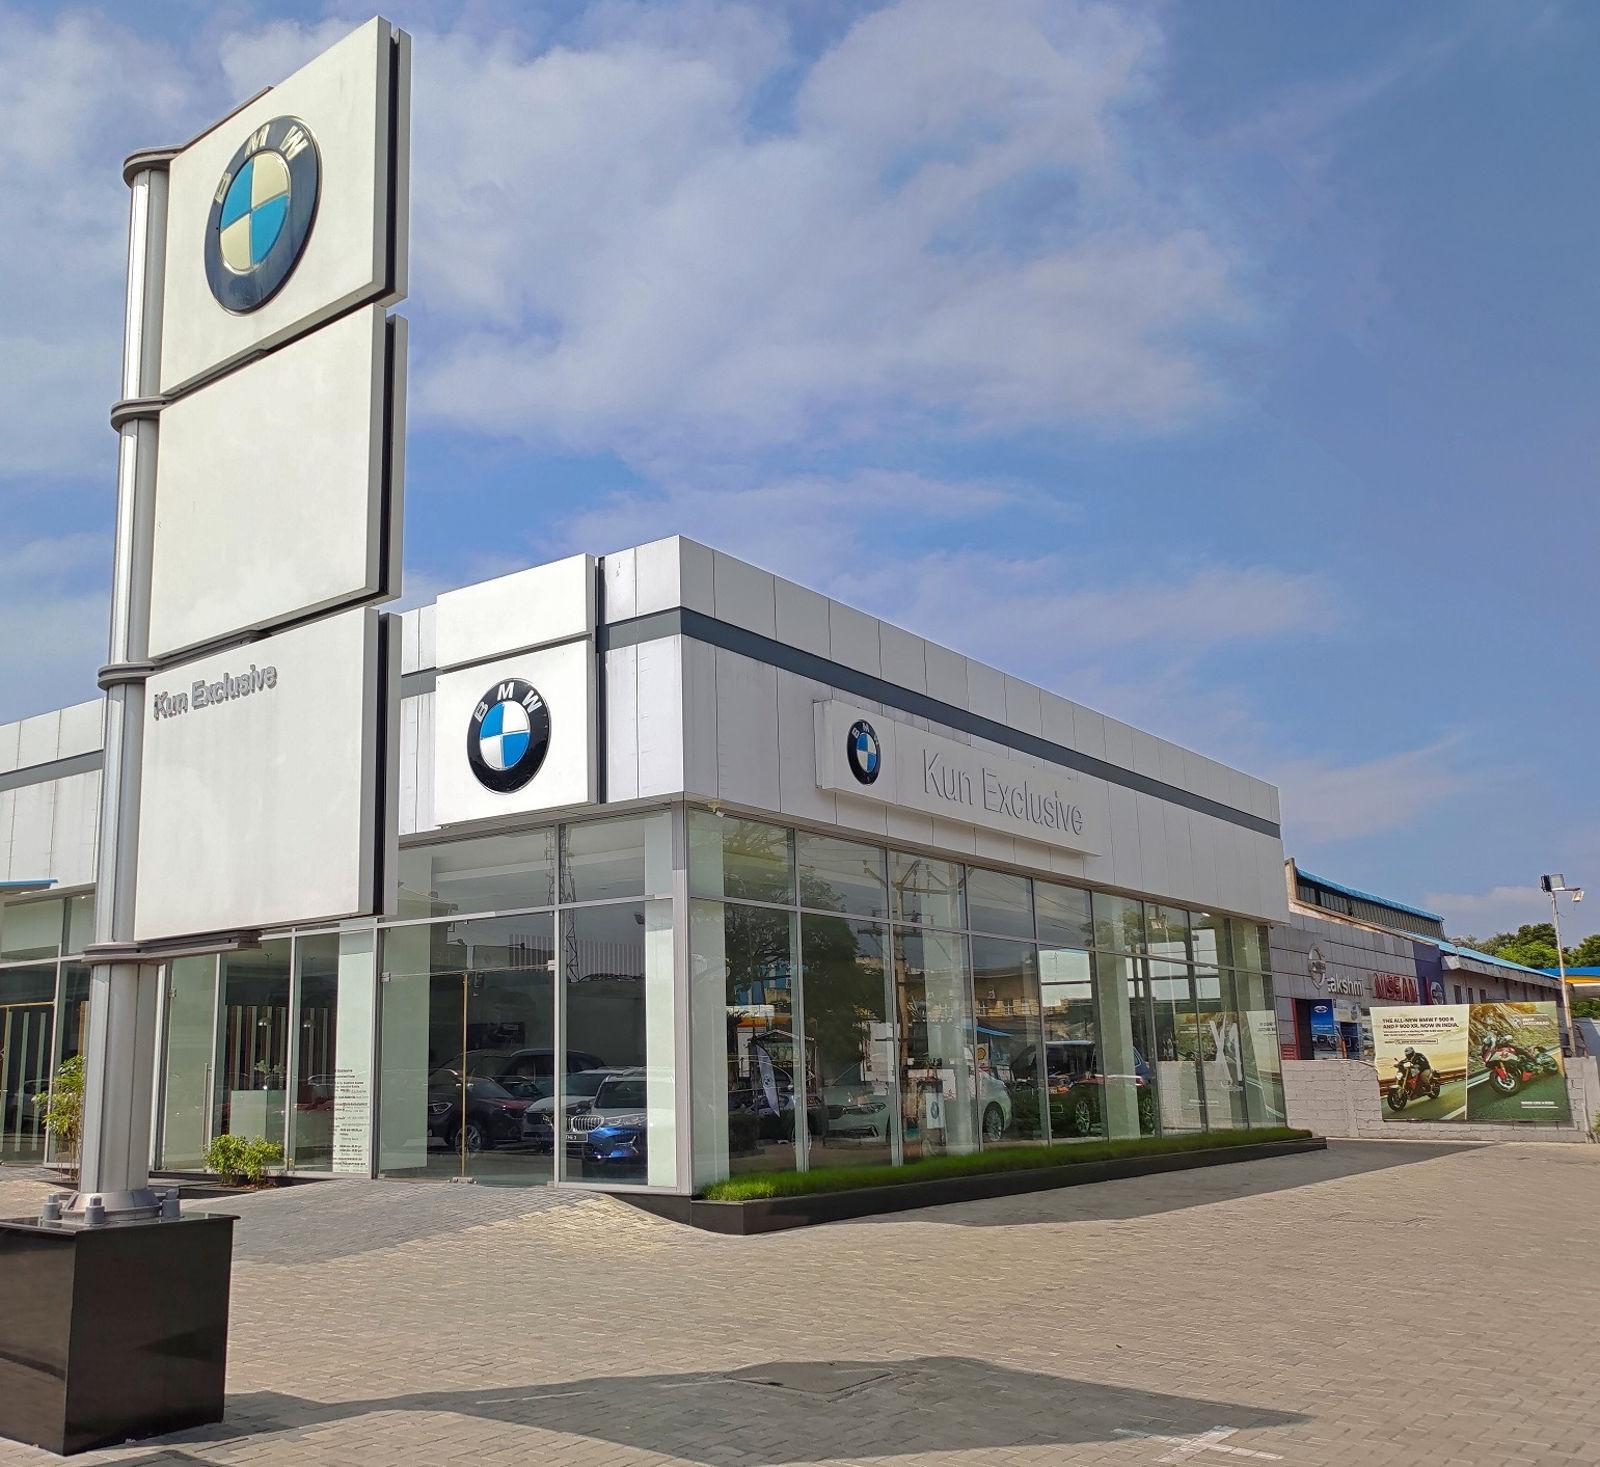 BMW India inaugurates KUN Exclusive showroom in Chennai